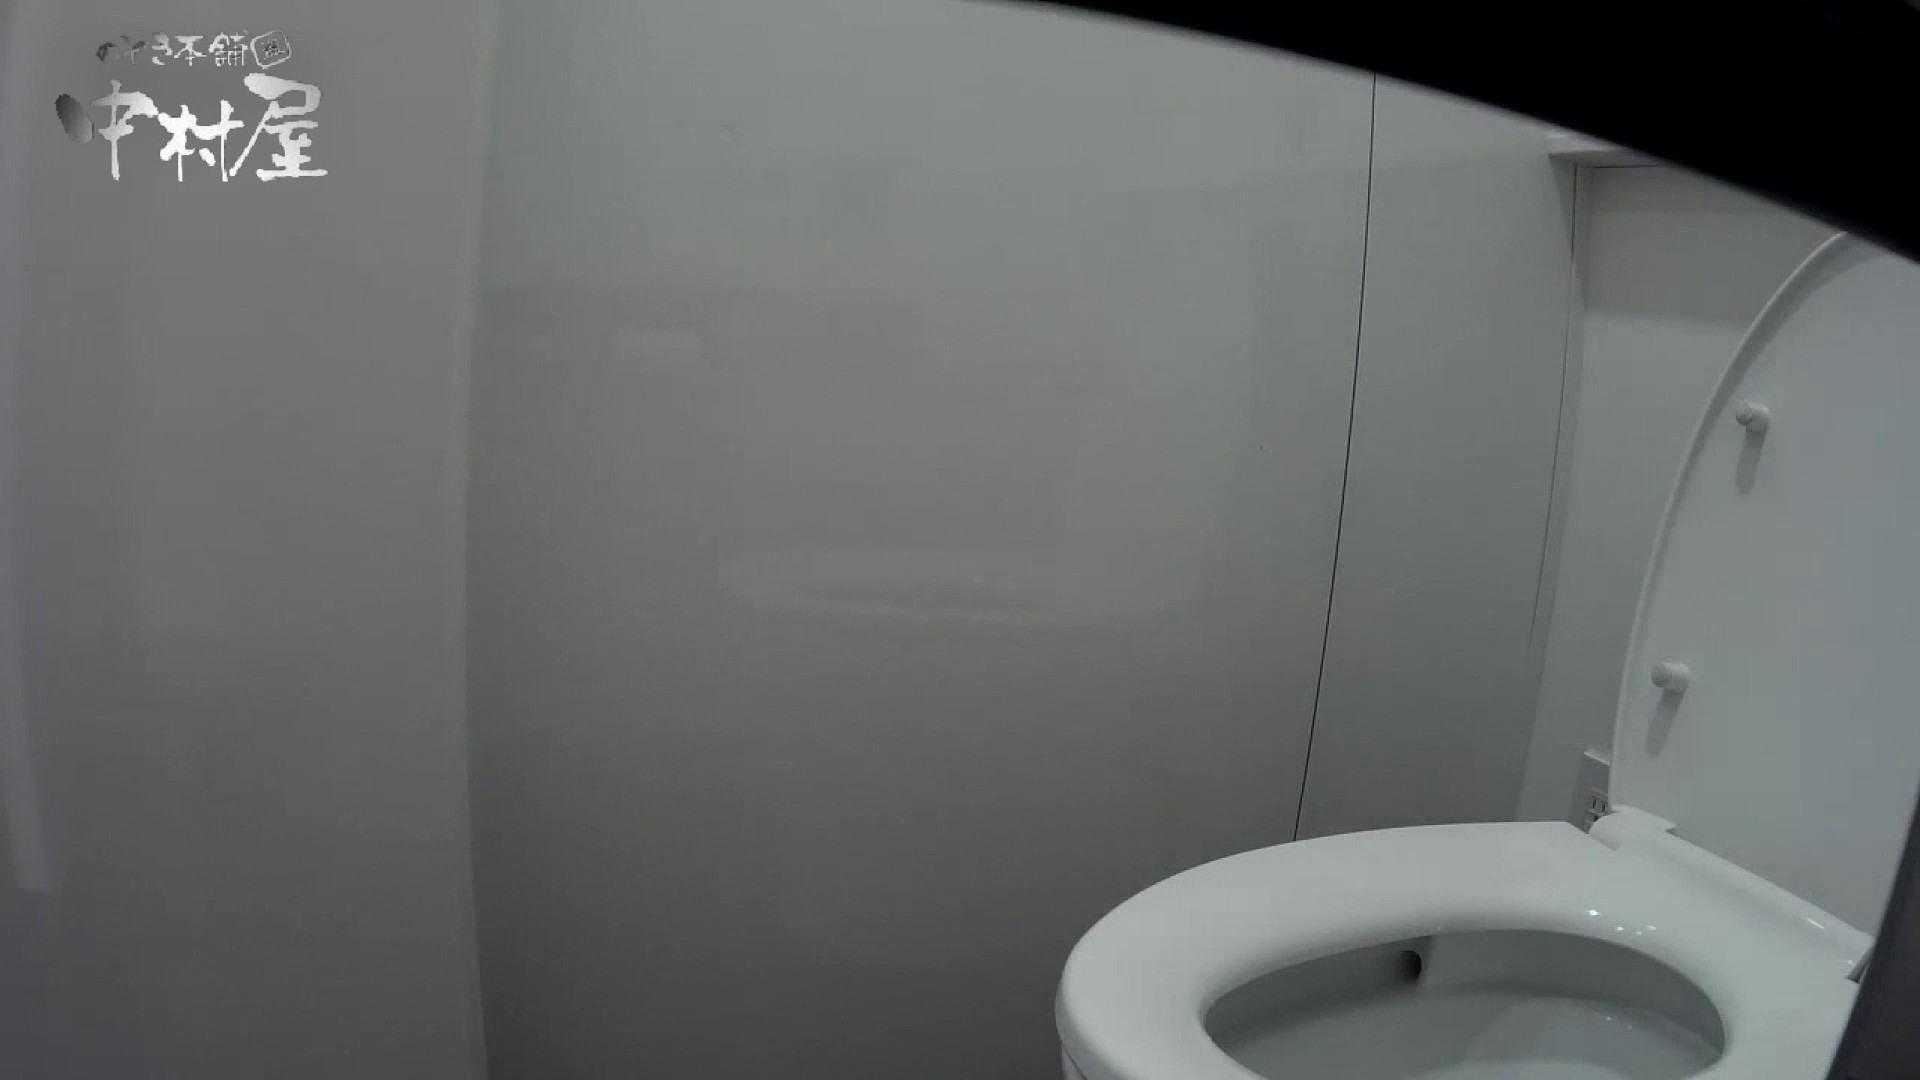 有名大学女性洗面所 vol.57 S級美女マルチアングル撮り!! 0  67連発 56